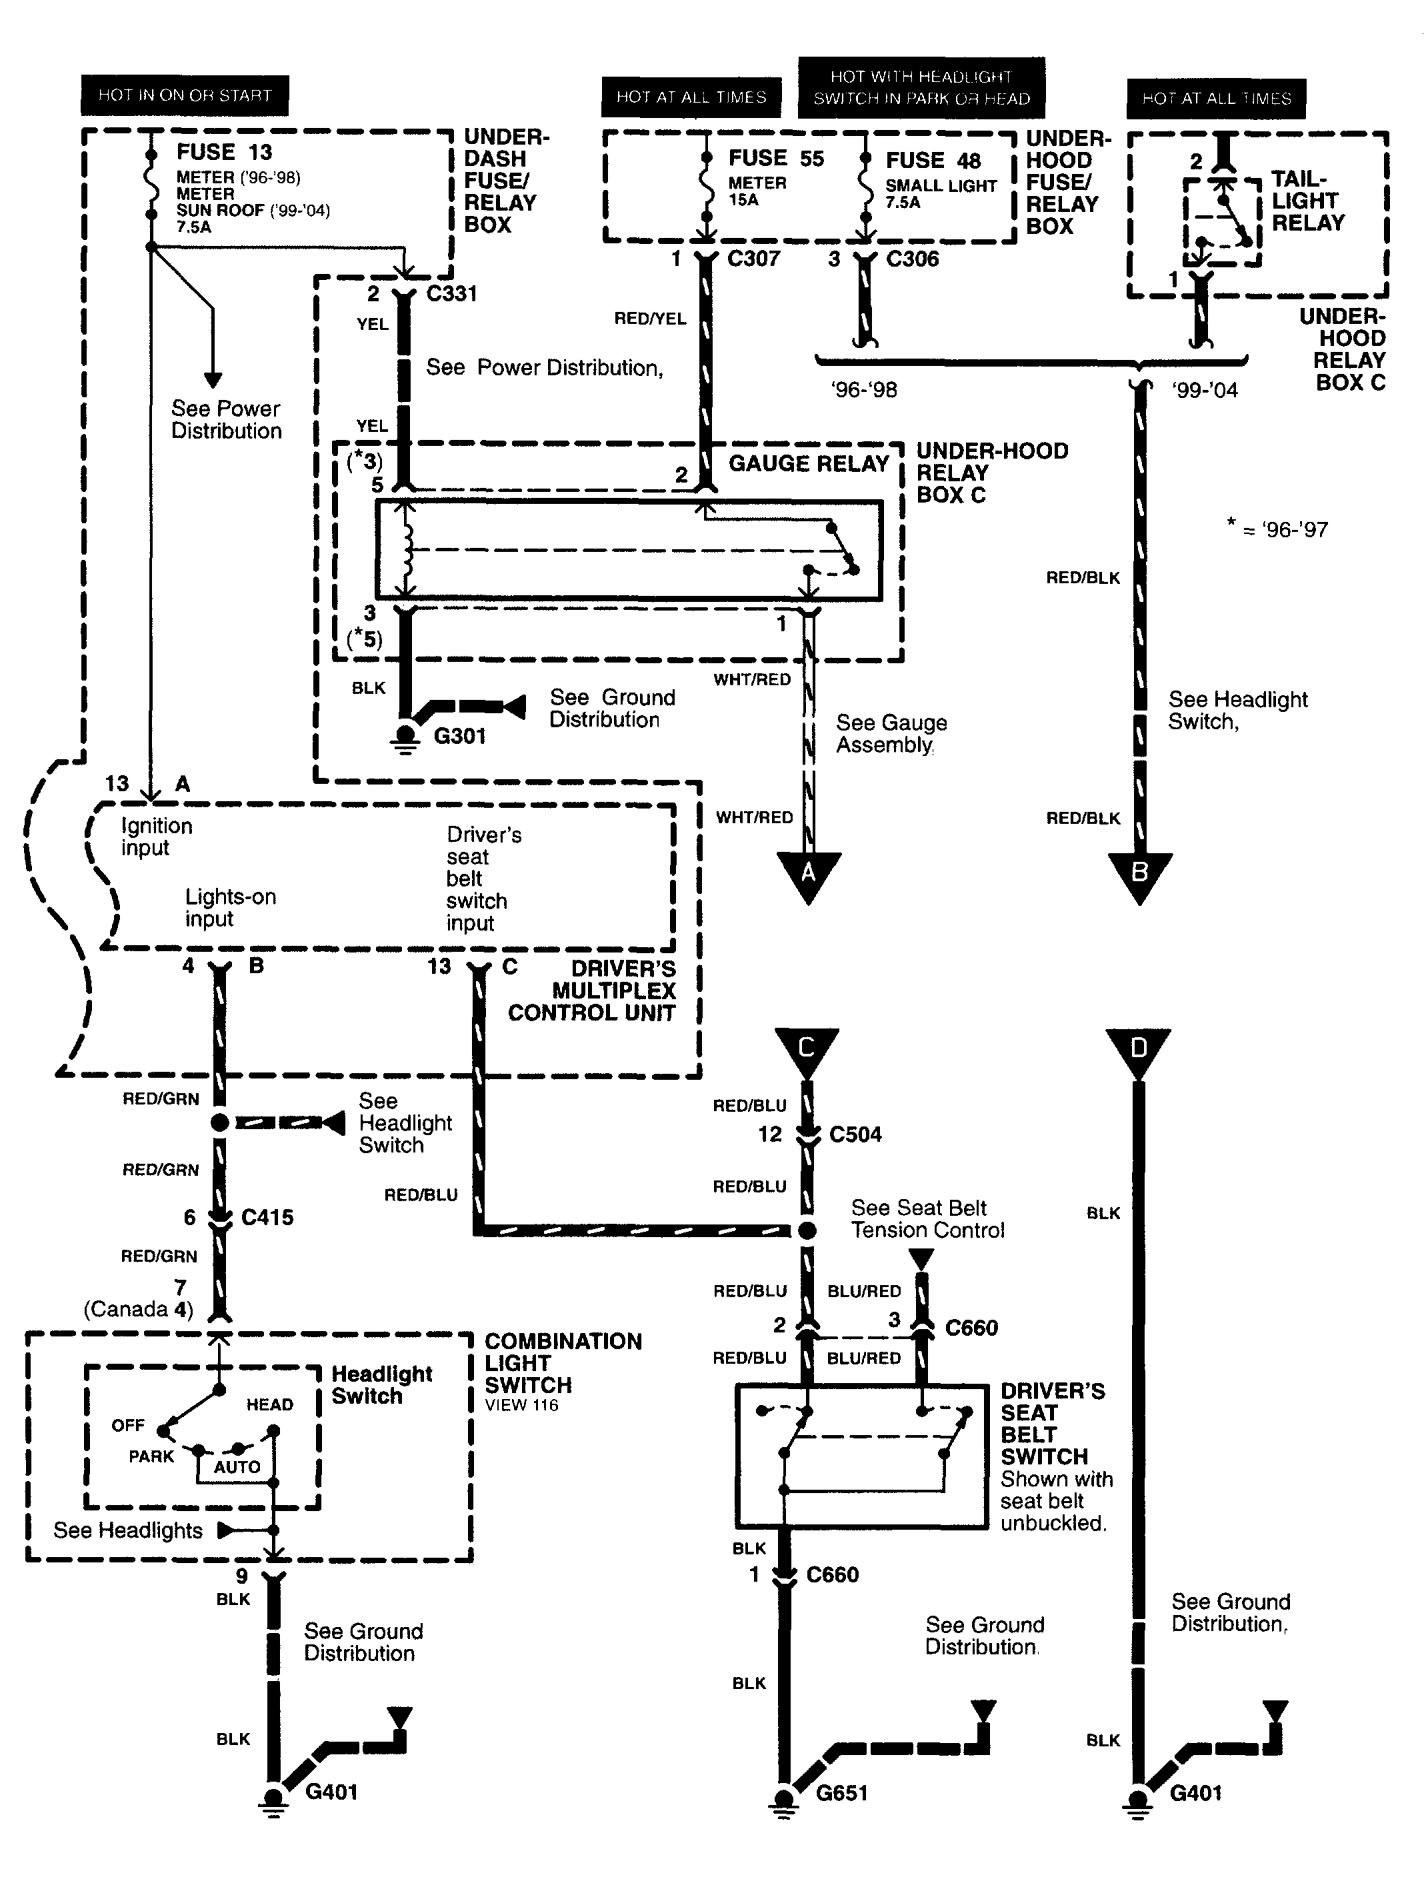 seat belt warning relaycar wiring diagram